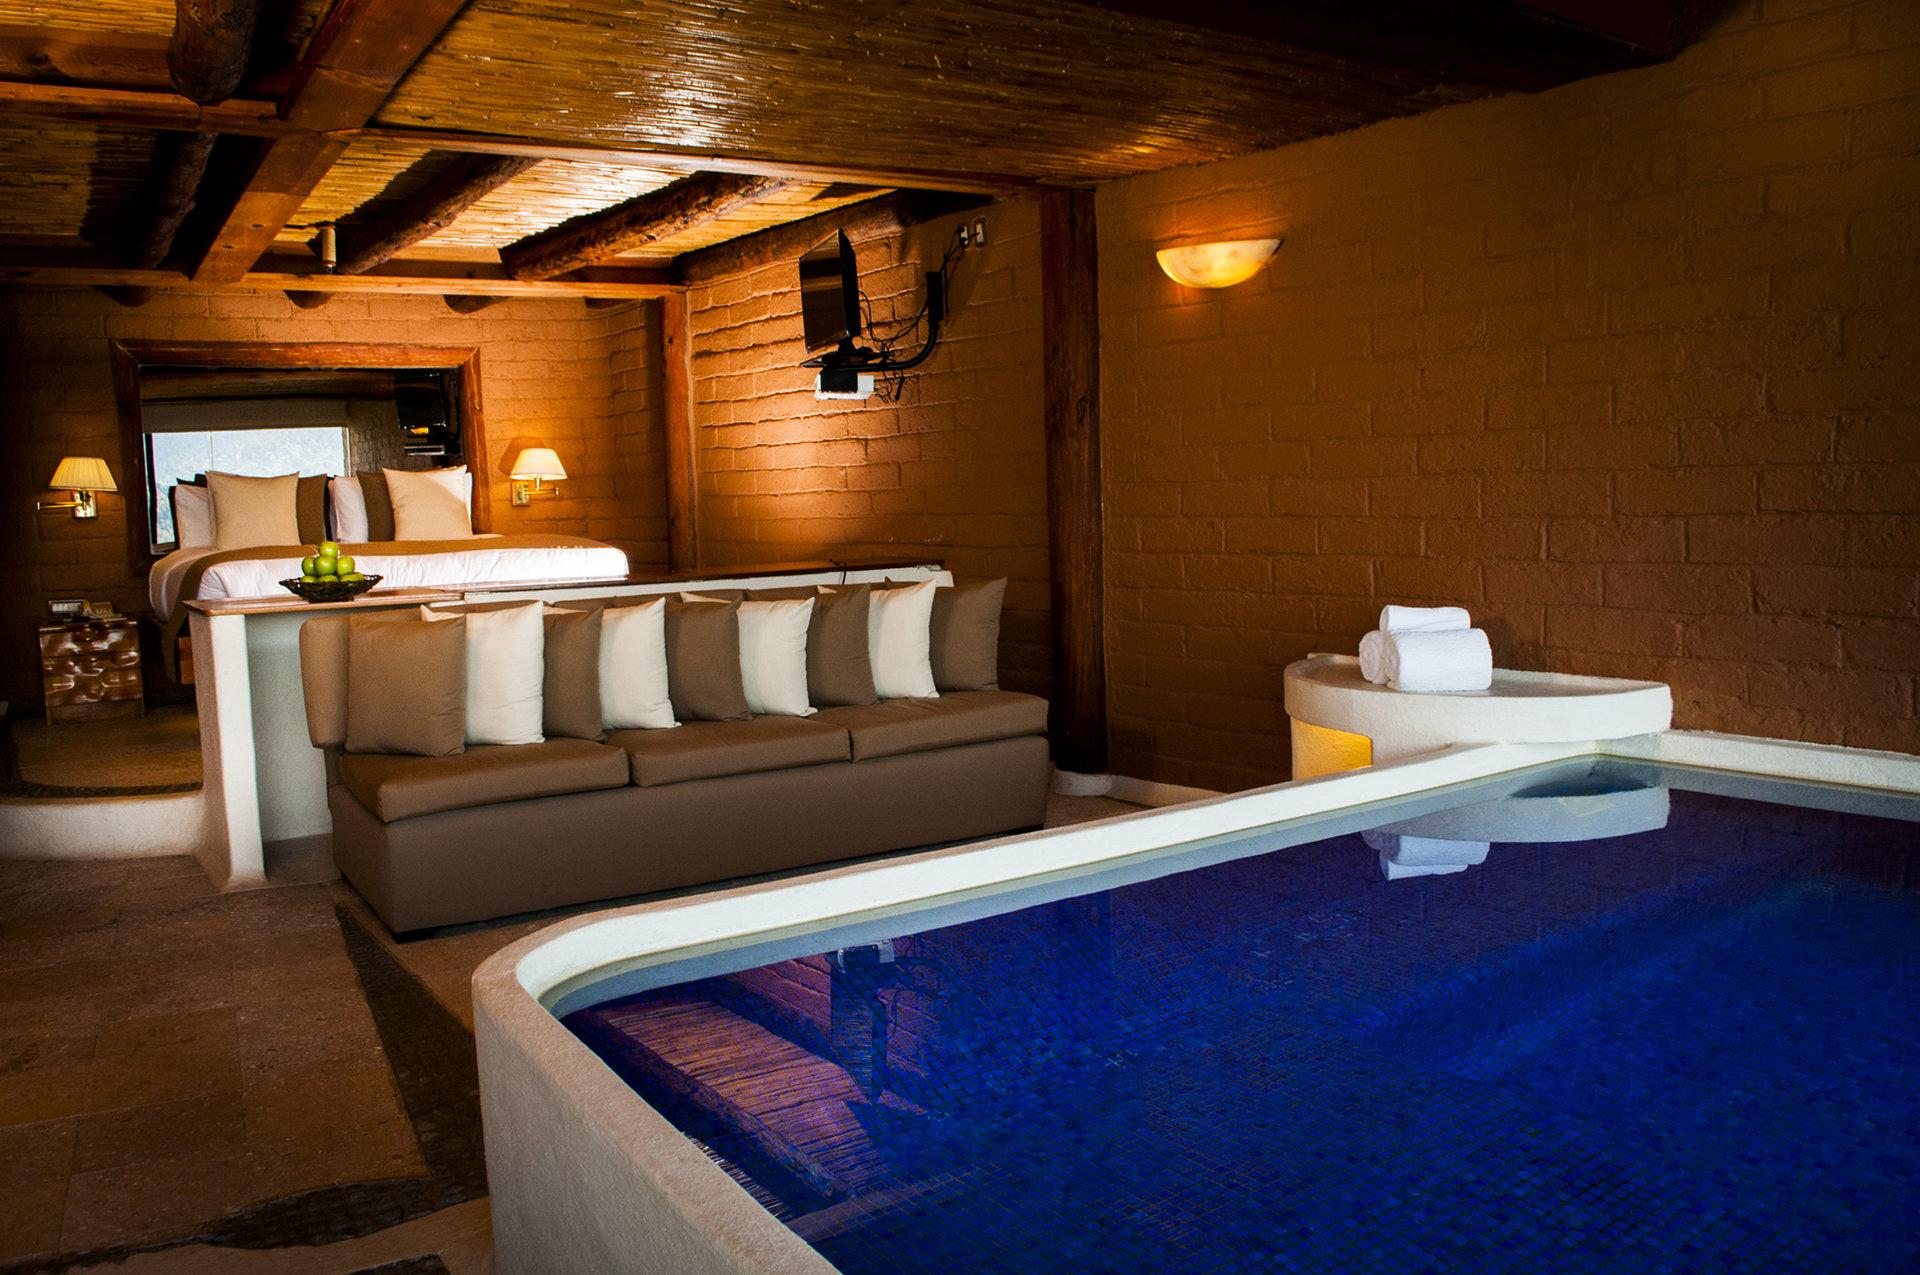 Hotel Spa Valle De Bravo Mexico